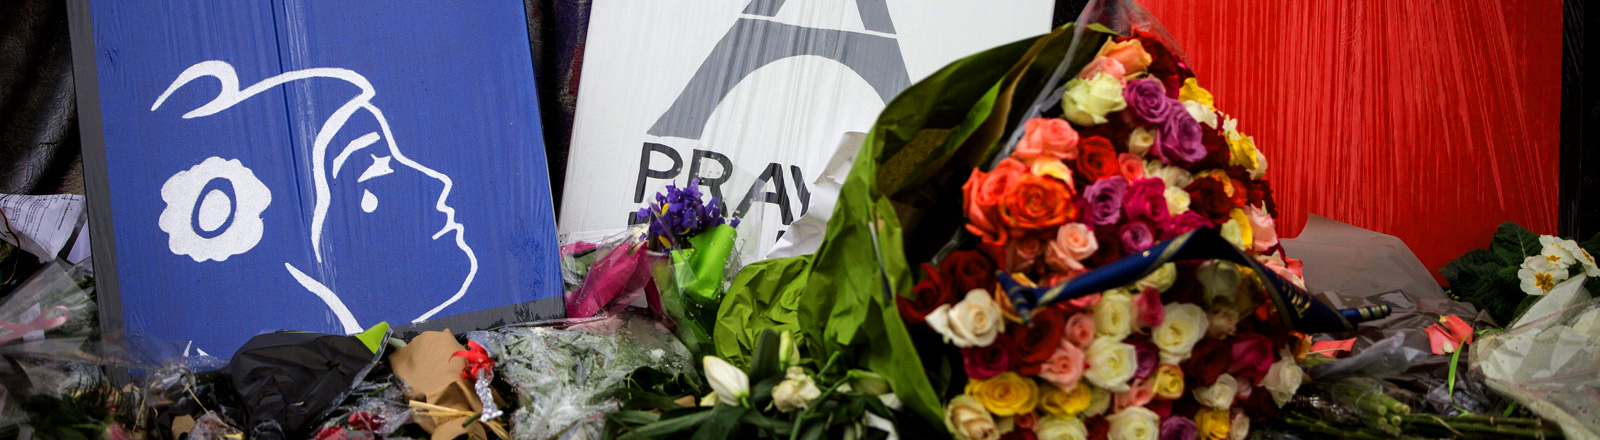 Blumen und Botschaften der Trauer am Place da la république in Paris.